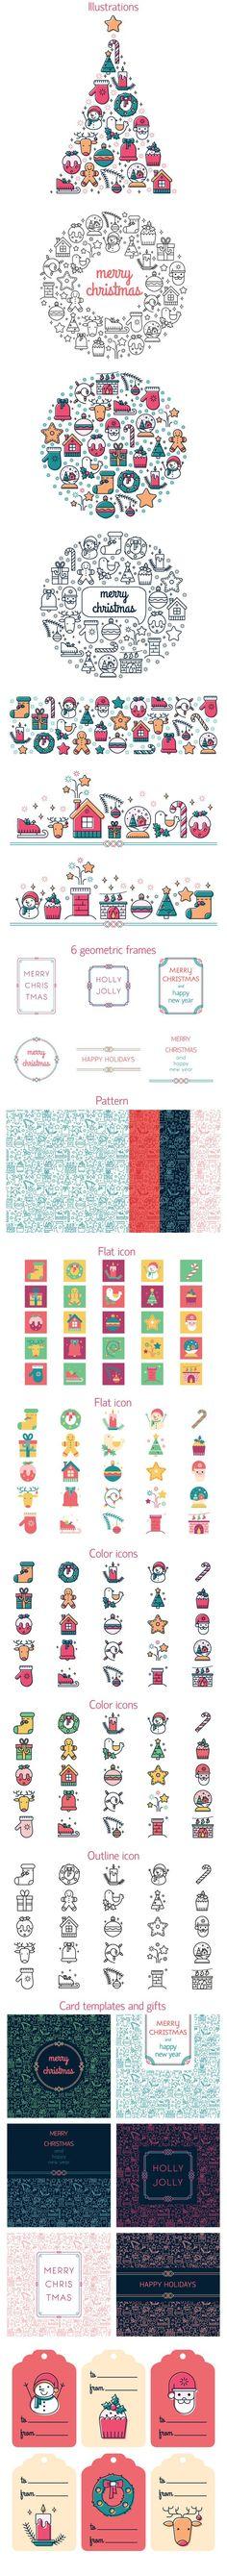 Christmas colored icon set. Christmas Icons. $15.00